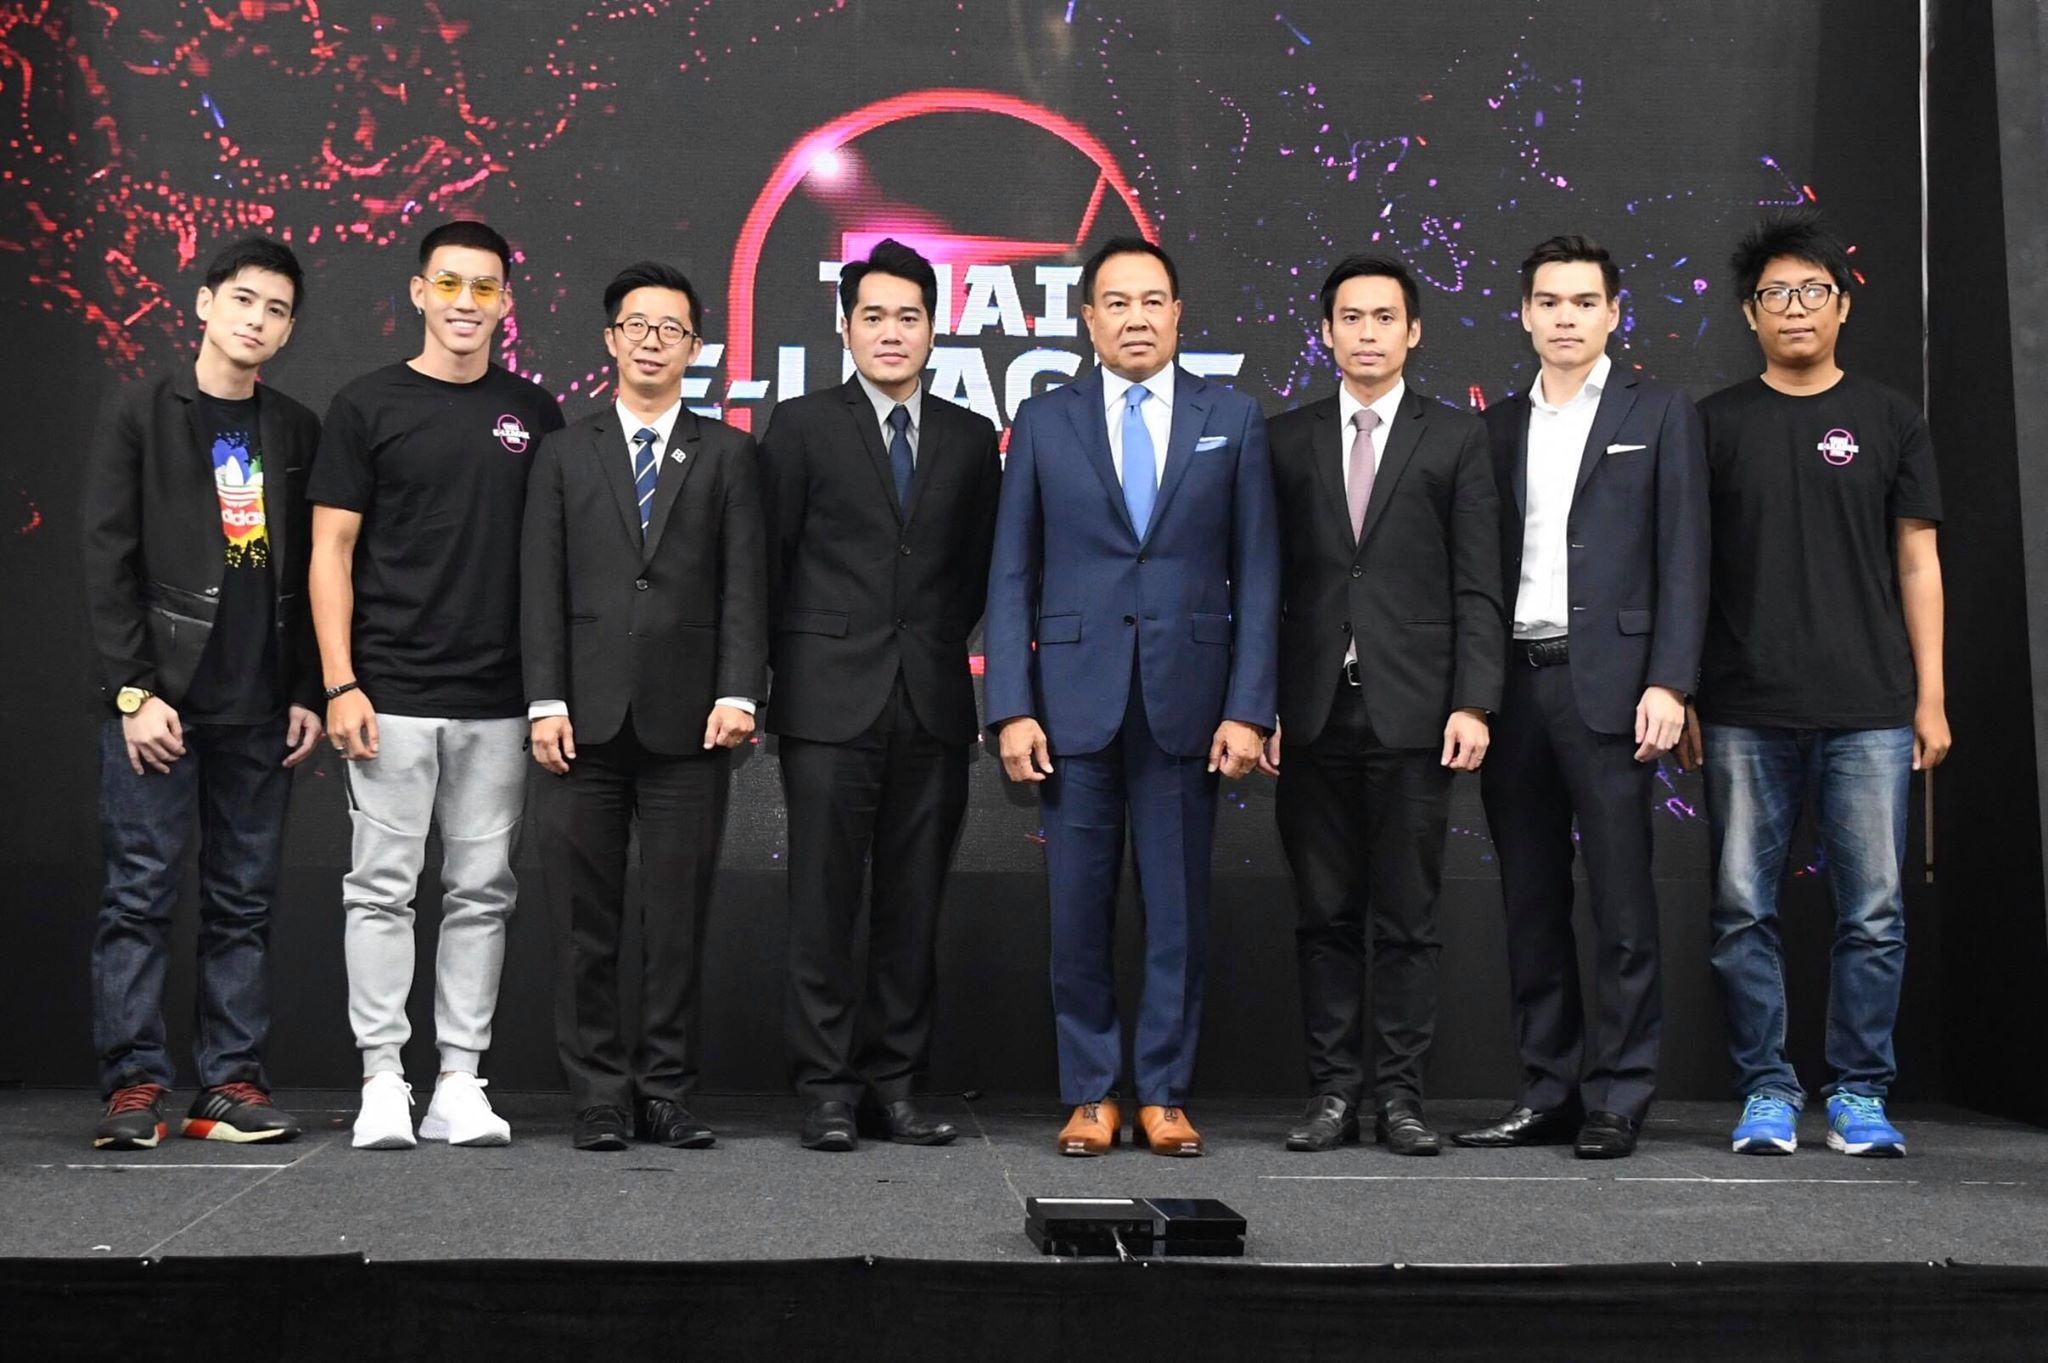 """""""อี-สปอร์ต ลีก"""" ครั้งแรกในไทย!! สมาคมลูกหนังจับมือ Konami จัดแข่งขัน"""